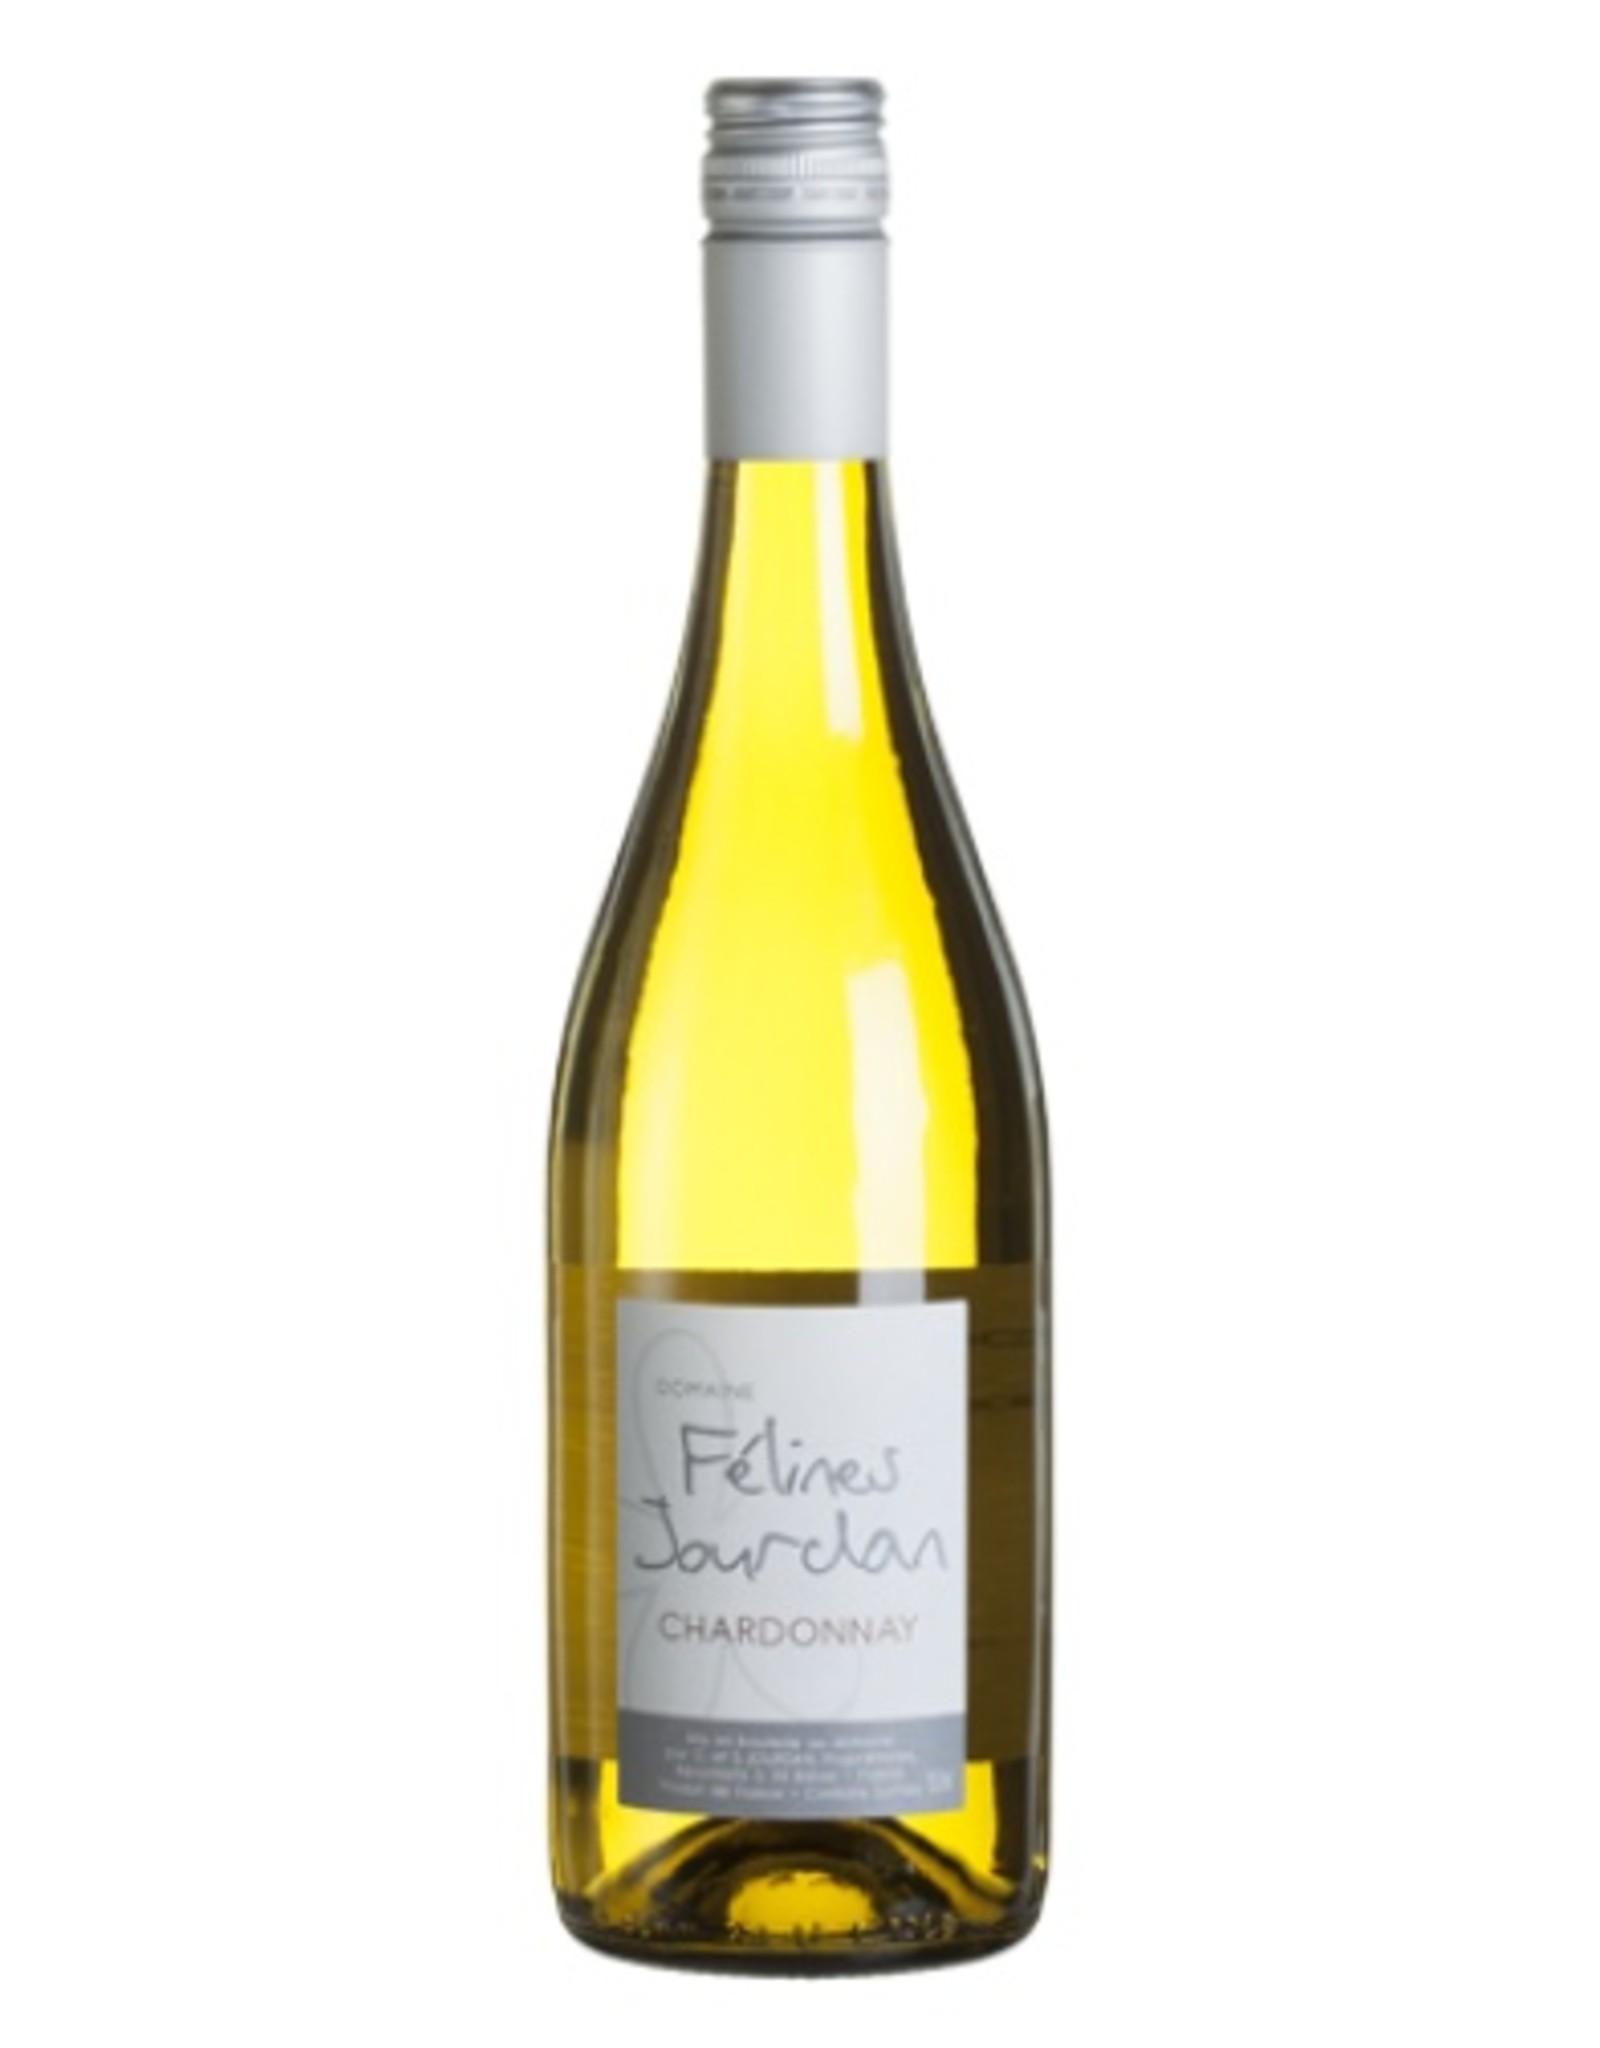 Domaine Félines Jourdan Roussanne/Chardonnay